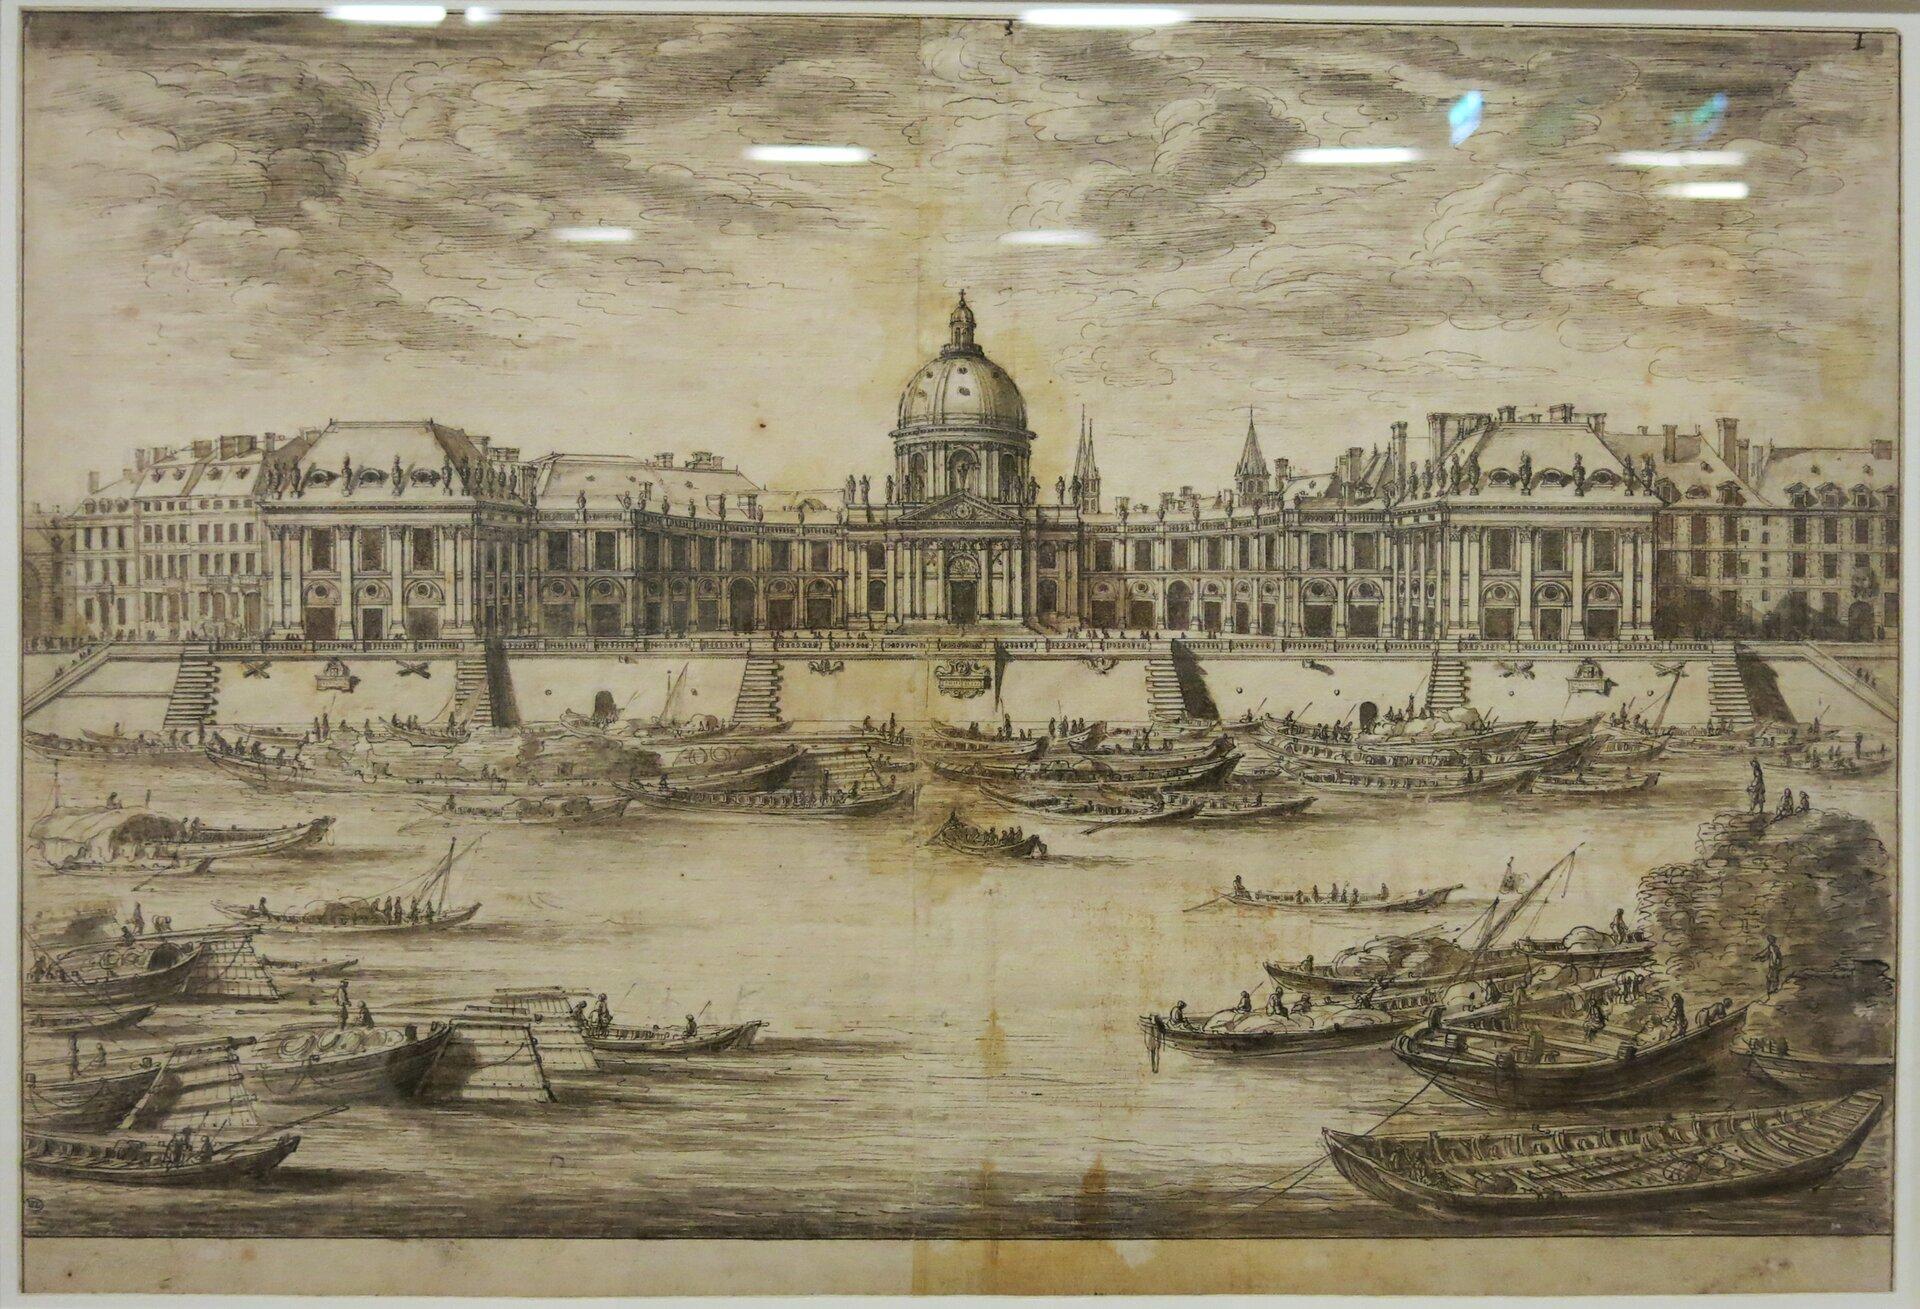 Rys. 1. Zdjęcie poglądowe przedstawia rycinę zwyobrażeniem barokowego budynku Collège Mazarin (Collège des Quatre Nations) wParyżu na lewym brzegu Sekwany. Na pierwszym planie widoczne są barki płynące po rzece. Na drugim planie - okazały budynek, wcentralnej części wejście zkolumnami ikopułą.